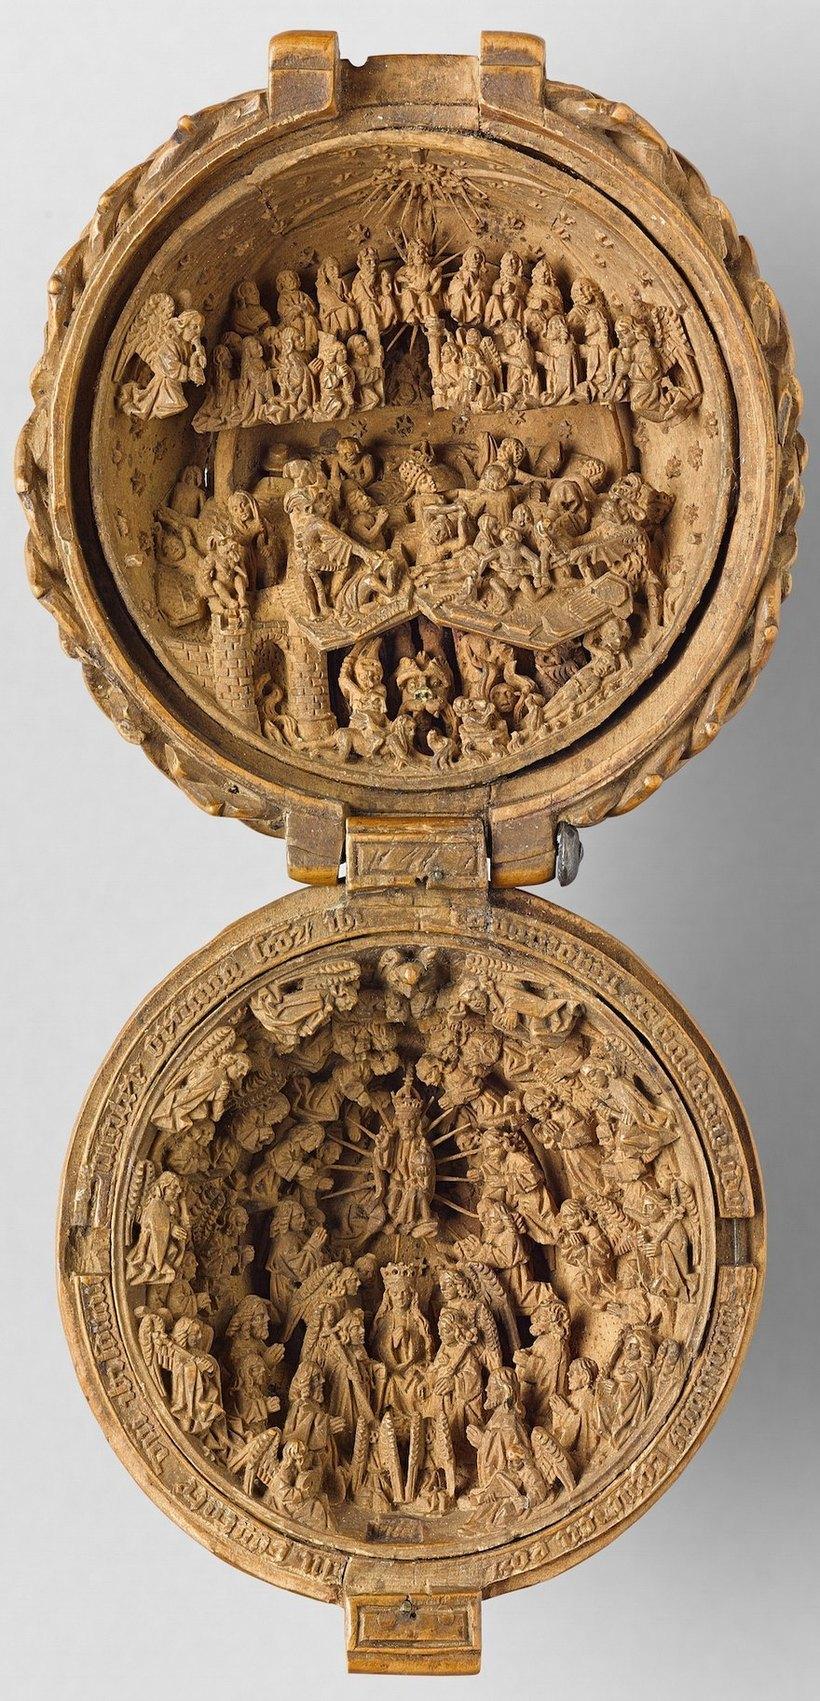 Самшитовые миниатюры 16 века, которые можно разглядеть только с помощью рентгена